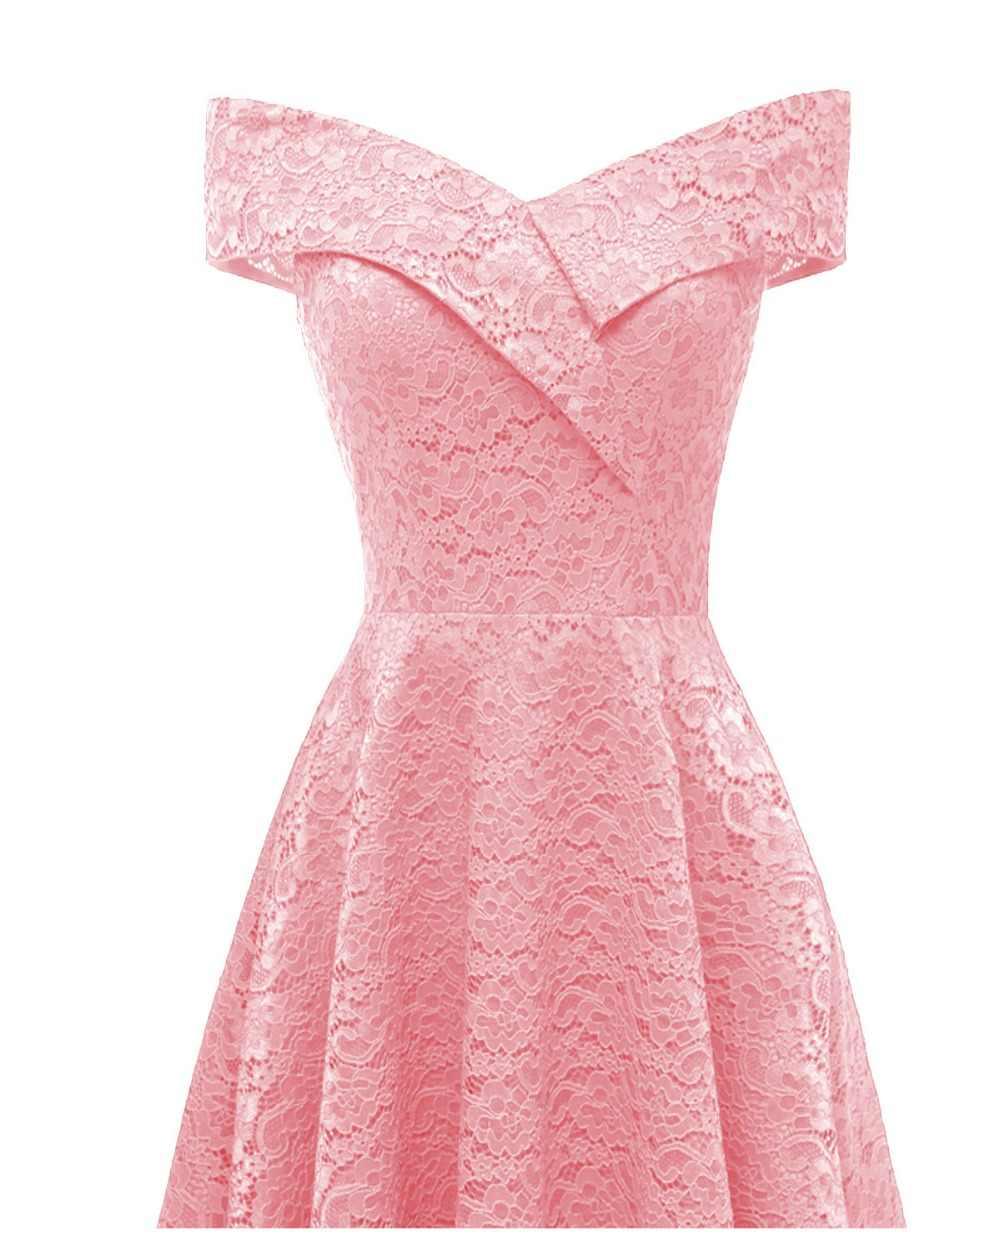 CD18 # boot-ausschnitt Rosa Kurze Spitze Brautjungfer Kleider hochzeit  kleid kleid prom großhandel Braut Hochzeit Toast kleidung China